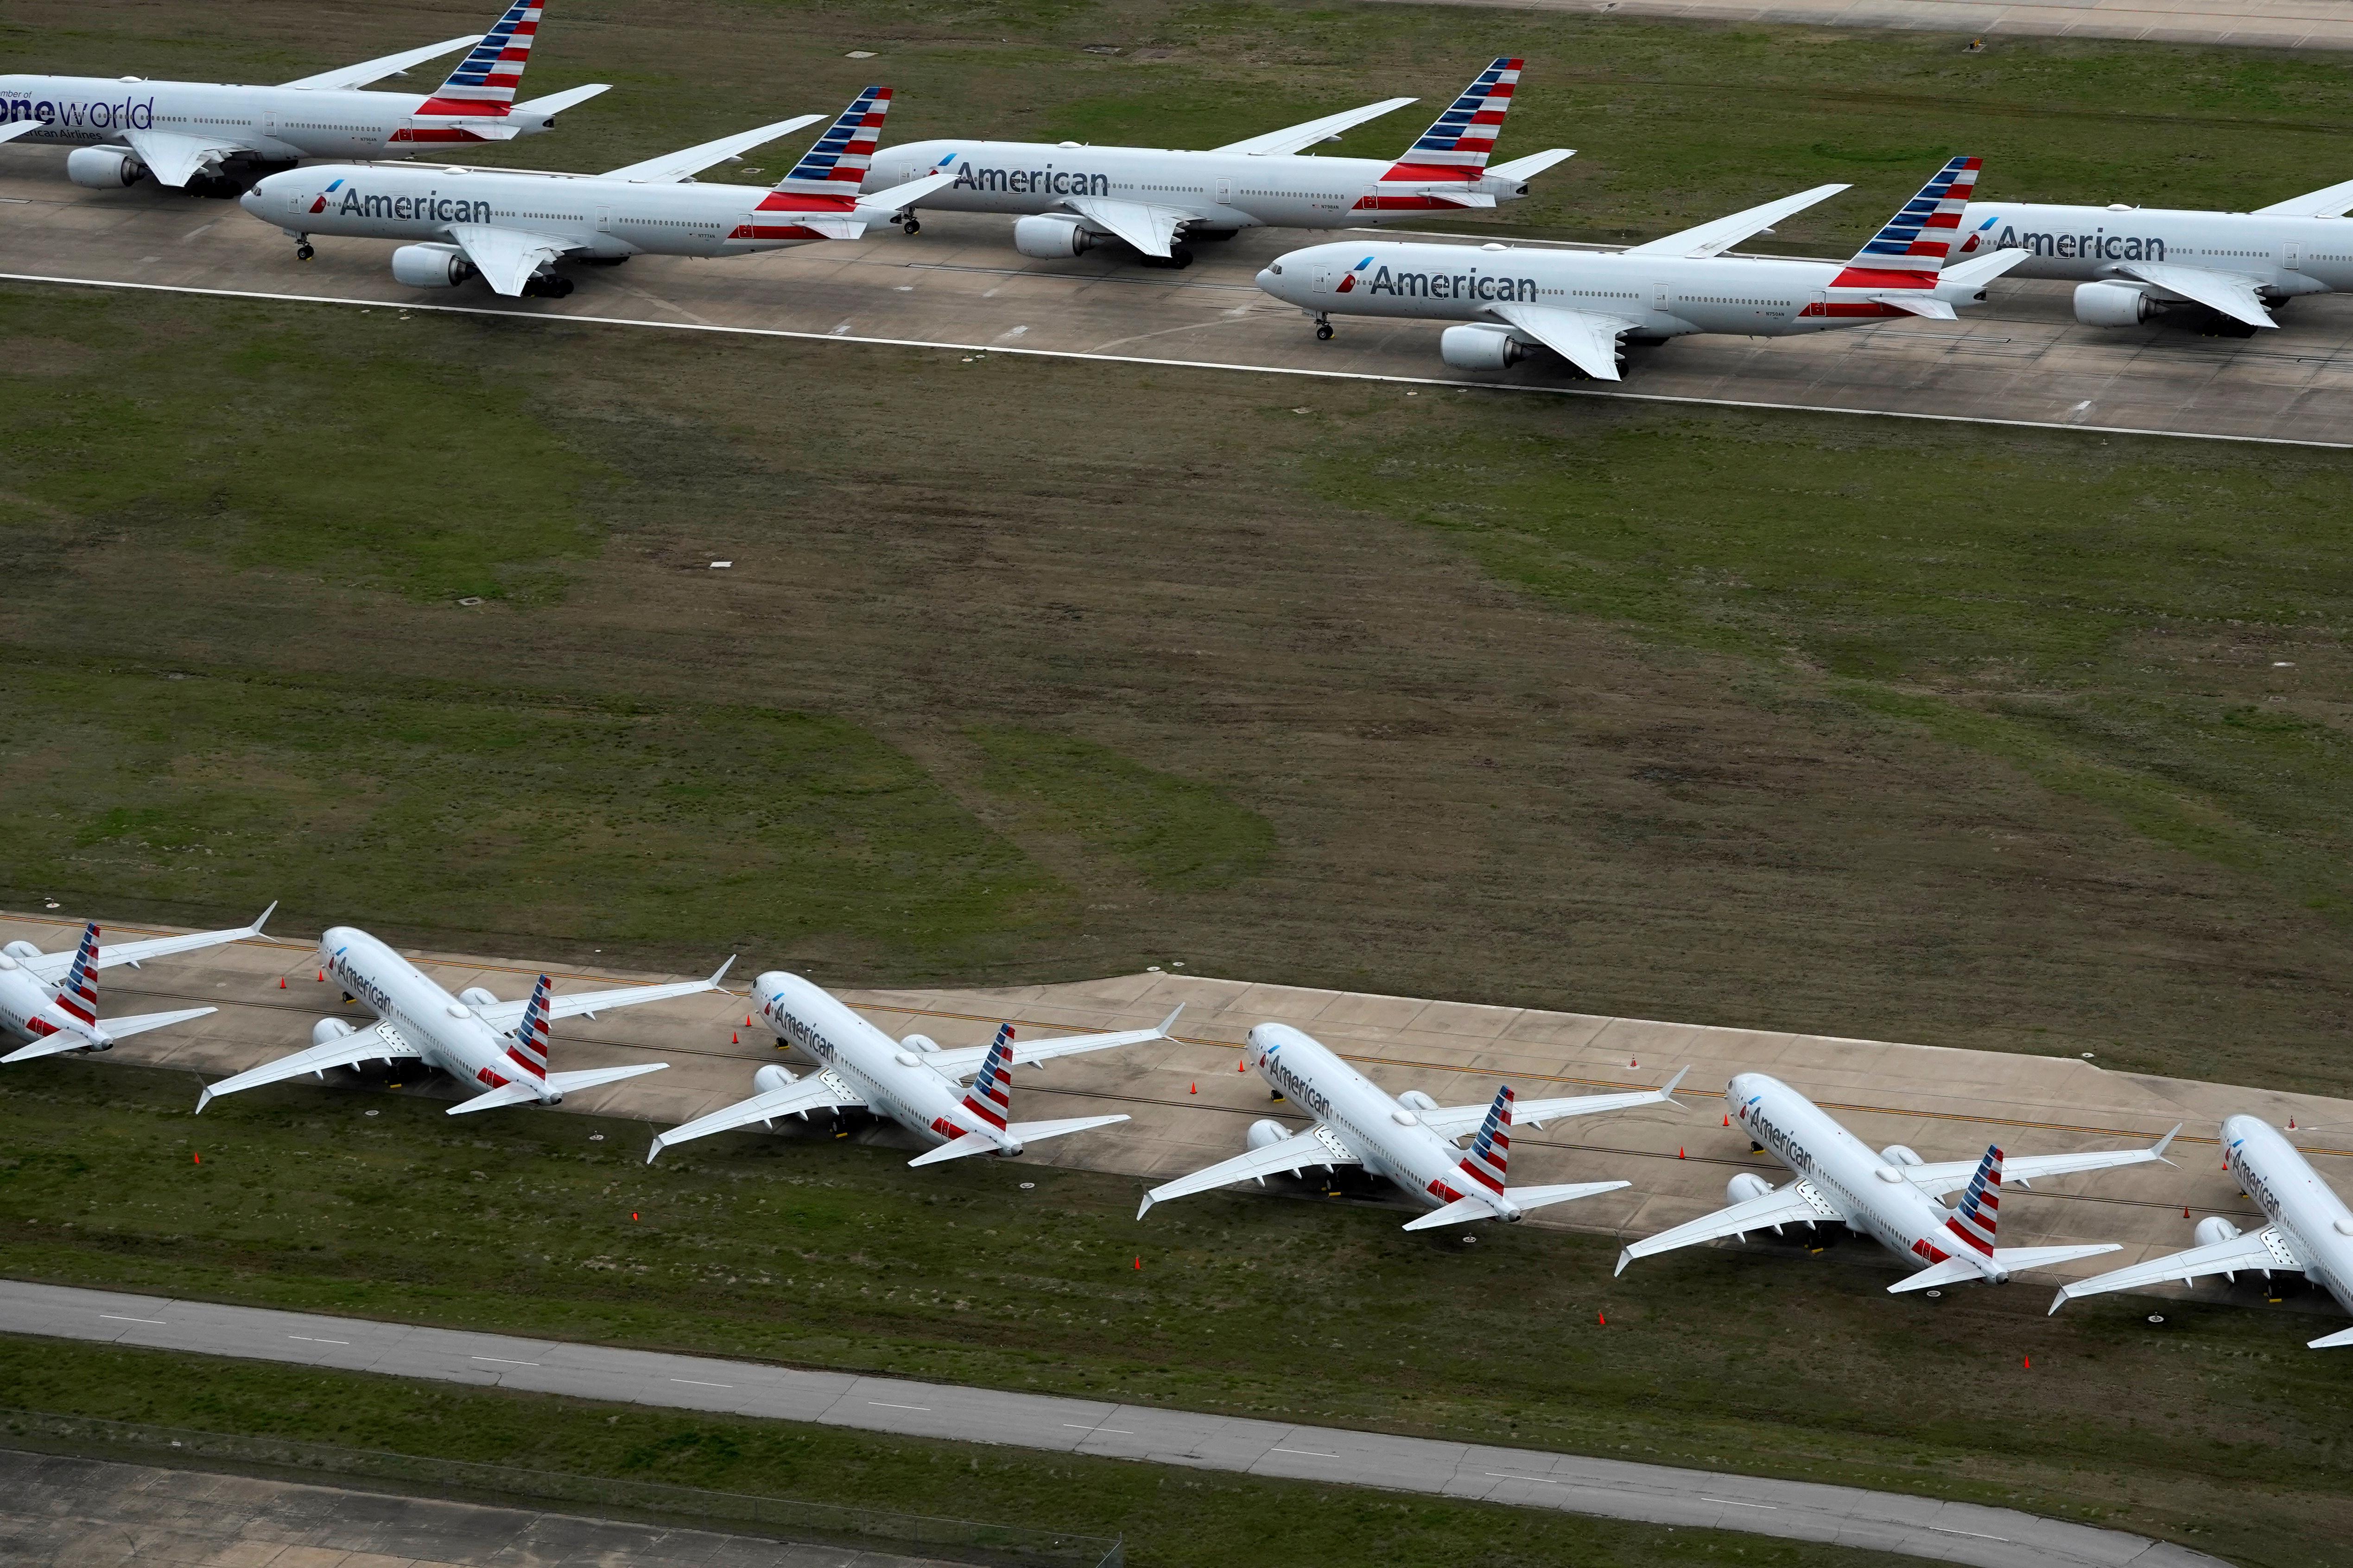 مطار طولسا بولاية أوكلاهوما حيث توقفت حركة الطيران بسبب كورونا - 23 مارس 2020